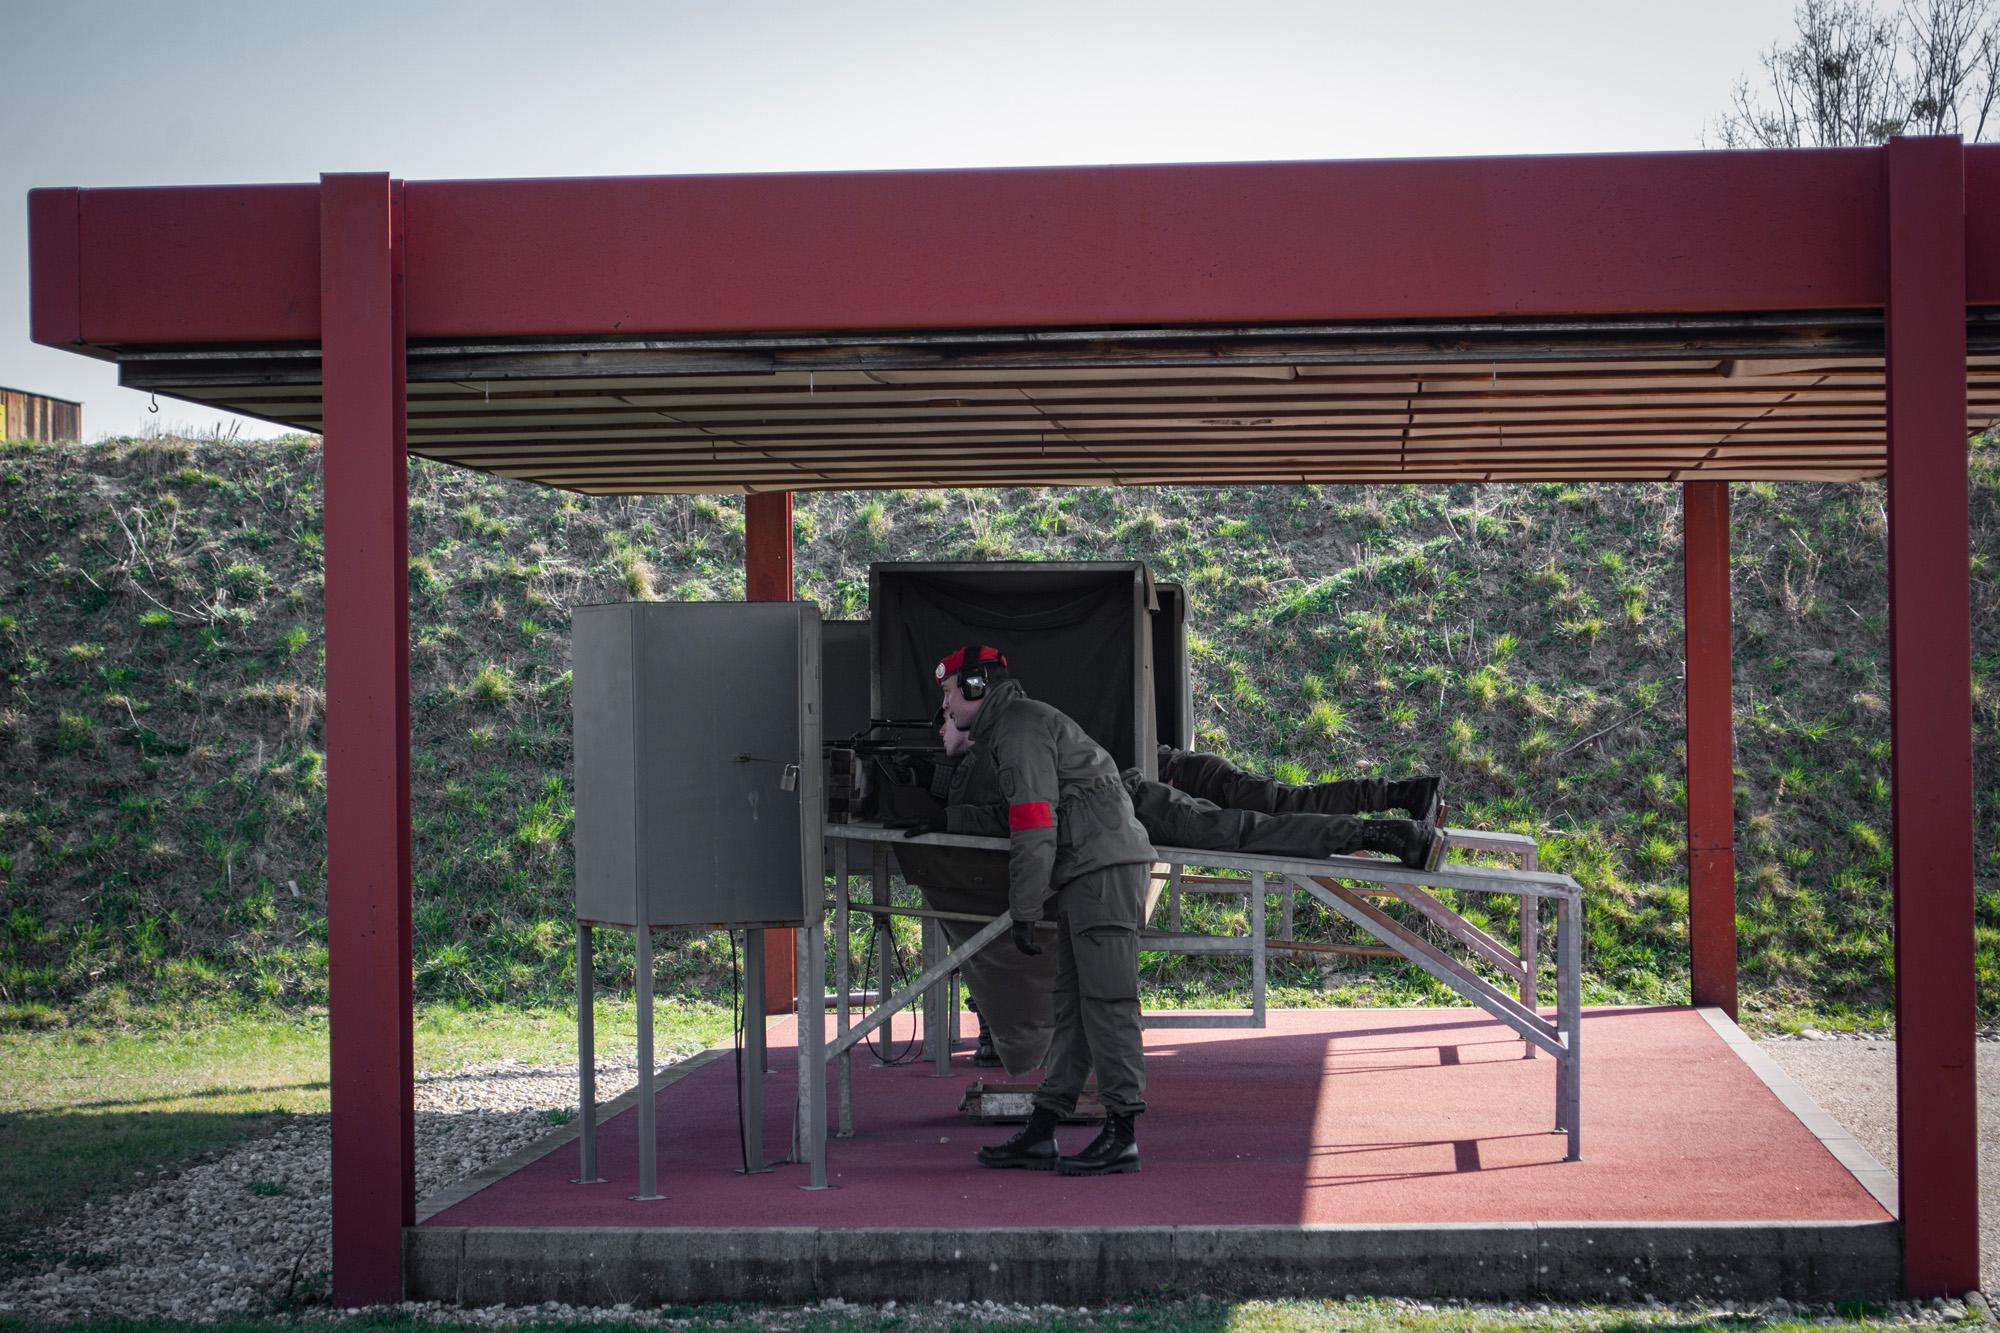 2020_03_24_Garde_GdMus__Einsatzvorbereitung-Covid19-Scharfschießen_Garde_1